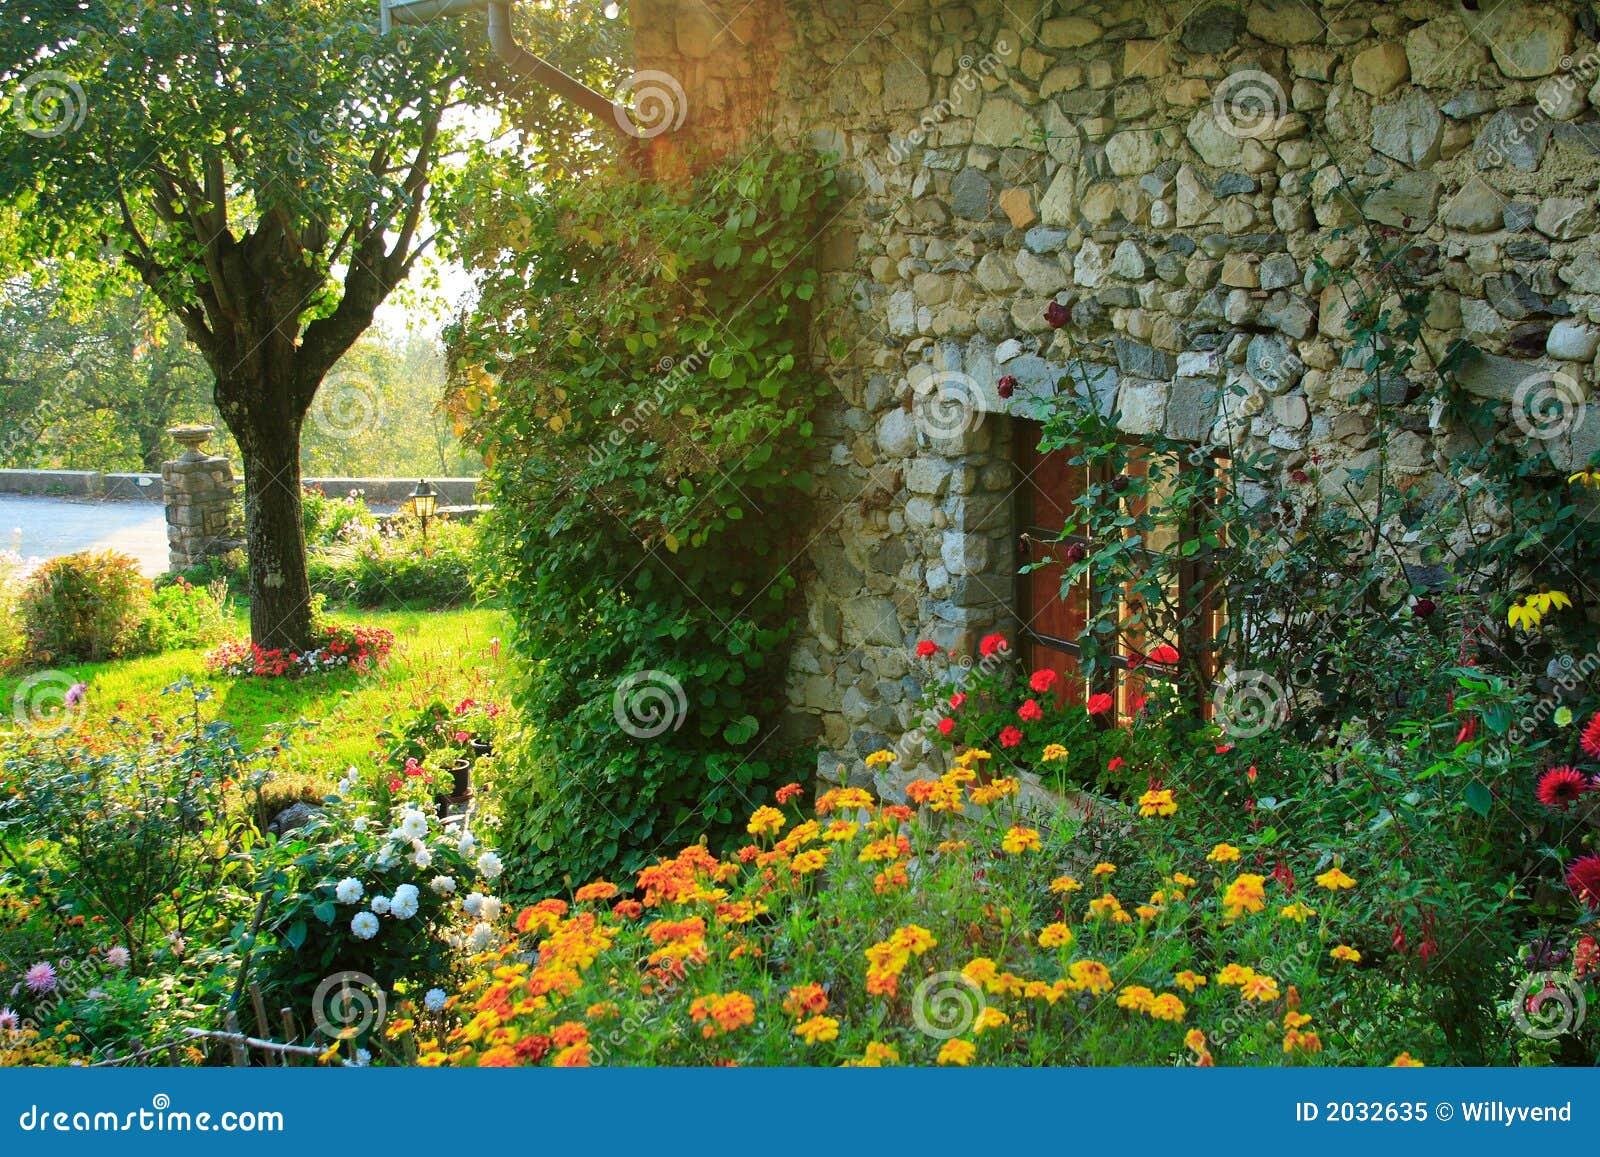 Jardin et vieille maison image stock image du fleur herbe 2032635 - Maison jardin des plantes rouen ...